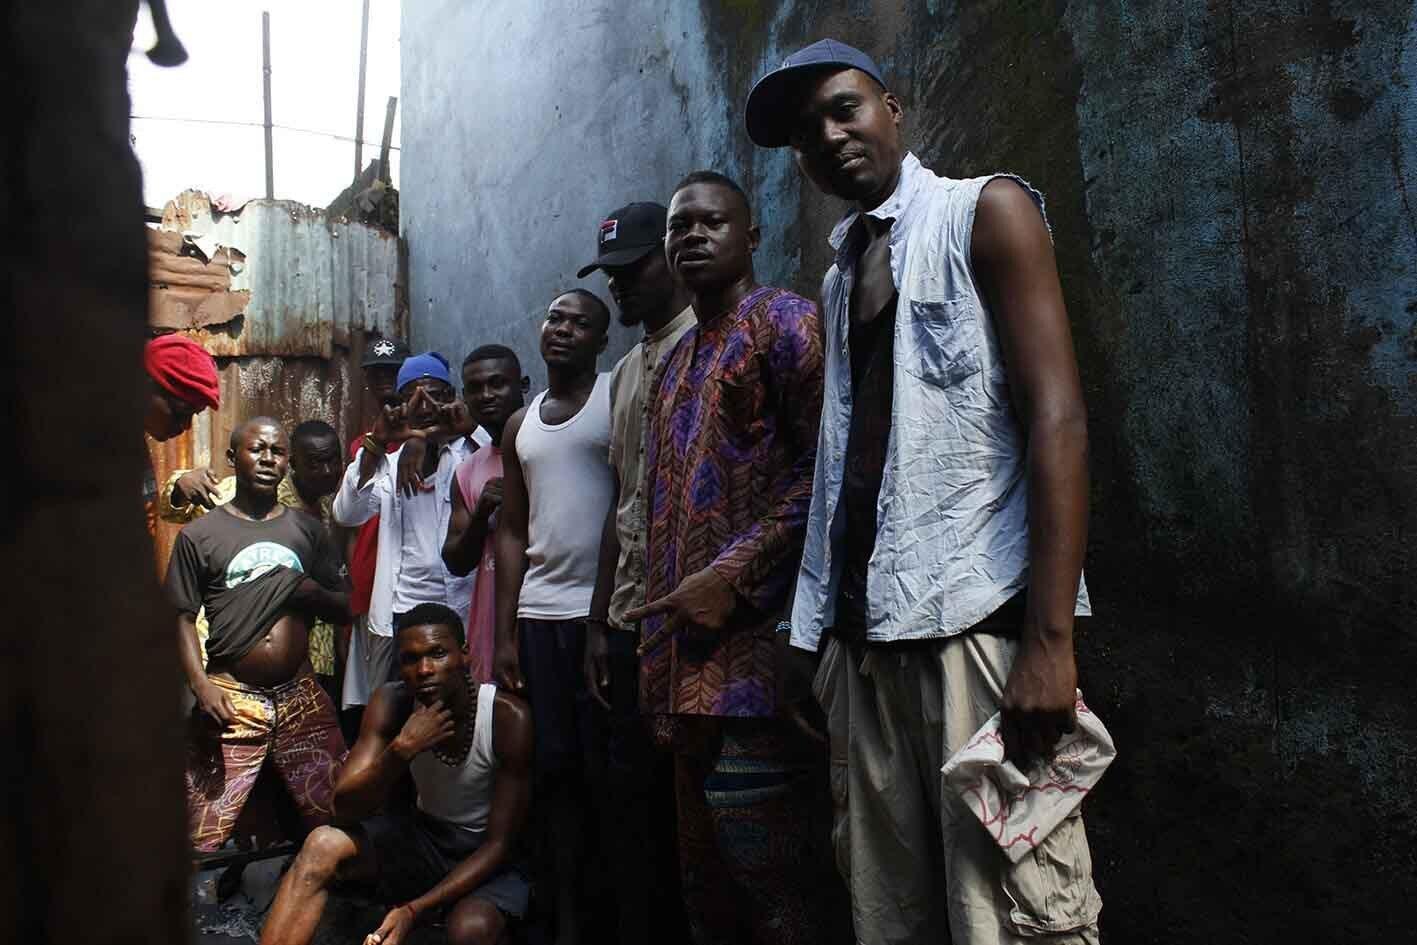 Il collettivo rap La meute des penseurs: Do Stylo, Stone, Israel, Ndole Boy, Moussinghi, Abdel, Chimico, Vankings - © Dione Roach